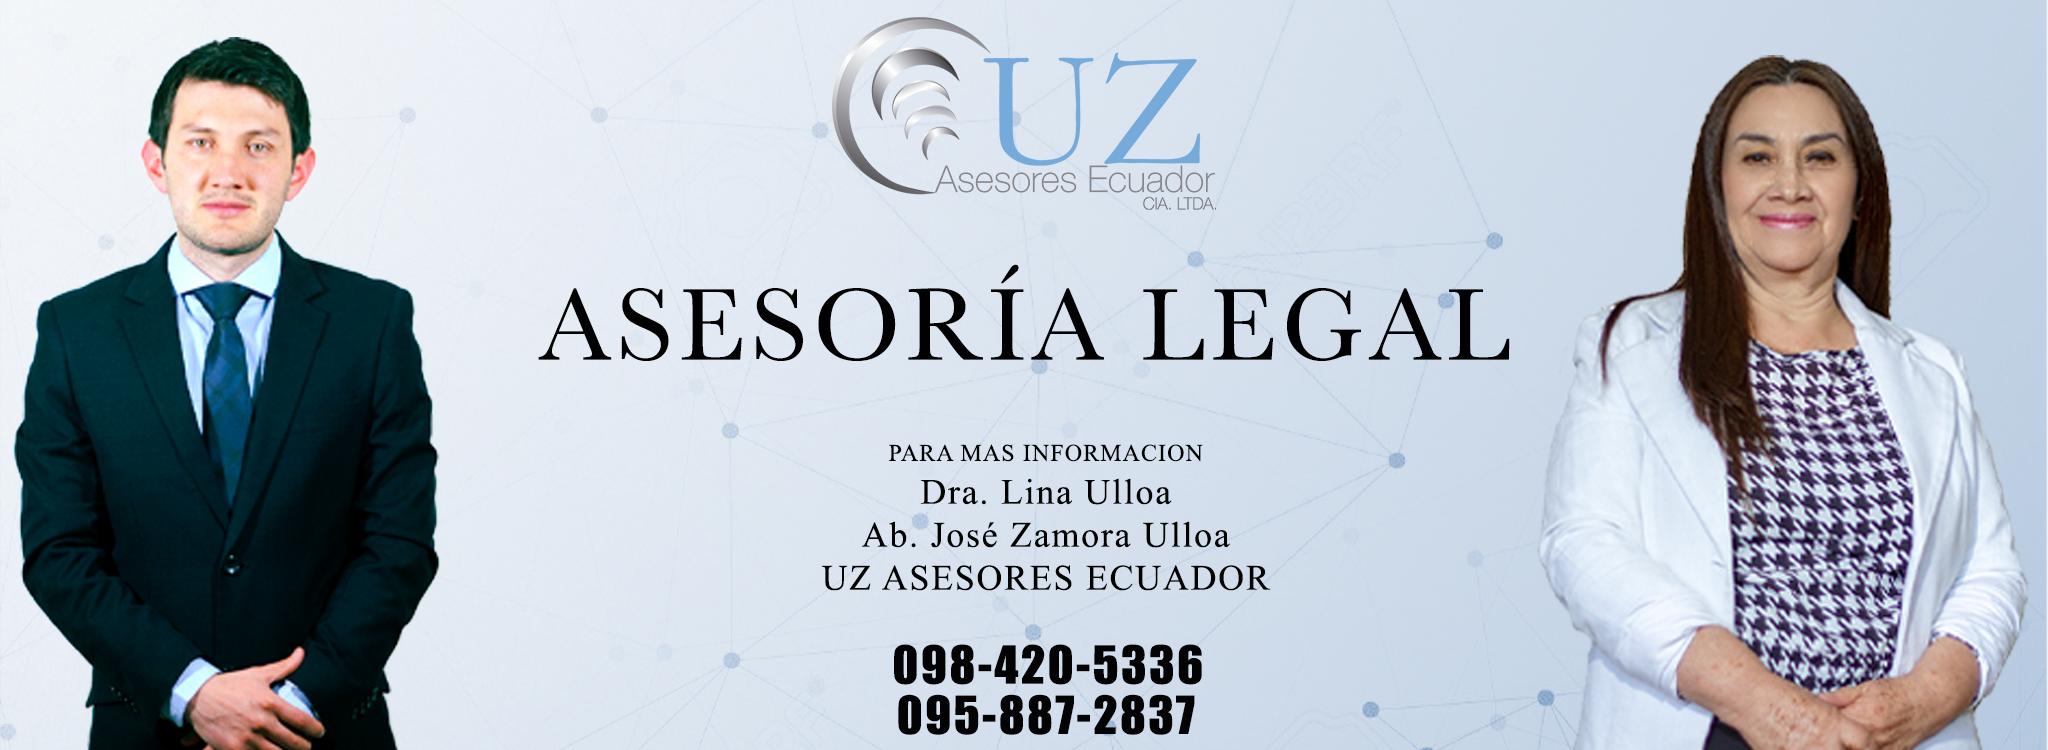 asesoria-legal-cuenca-ecuador-uz-asesores-abogados